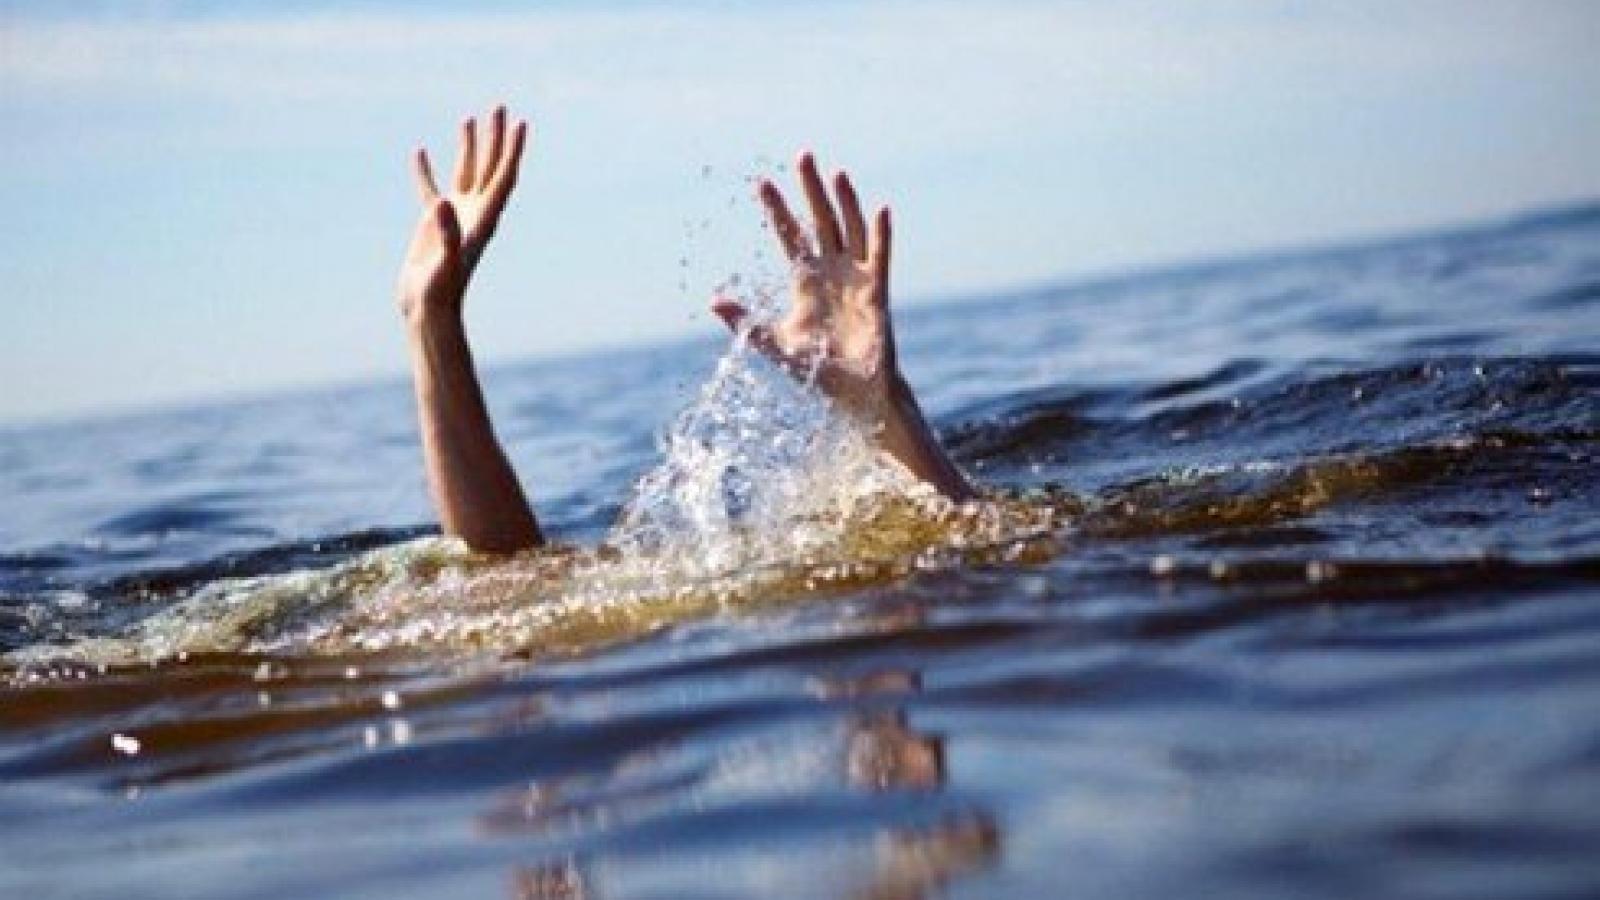 Tắm đập, một học sinh lớp 7 đuối nước thương tâm